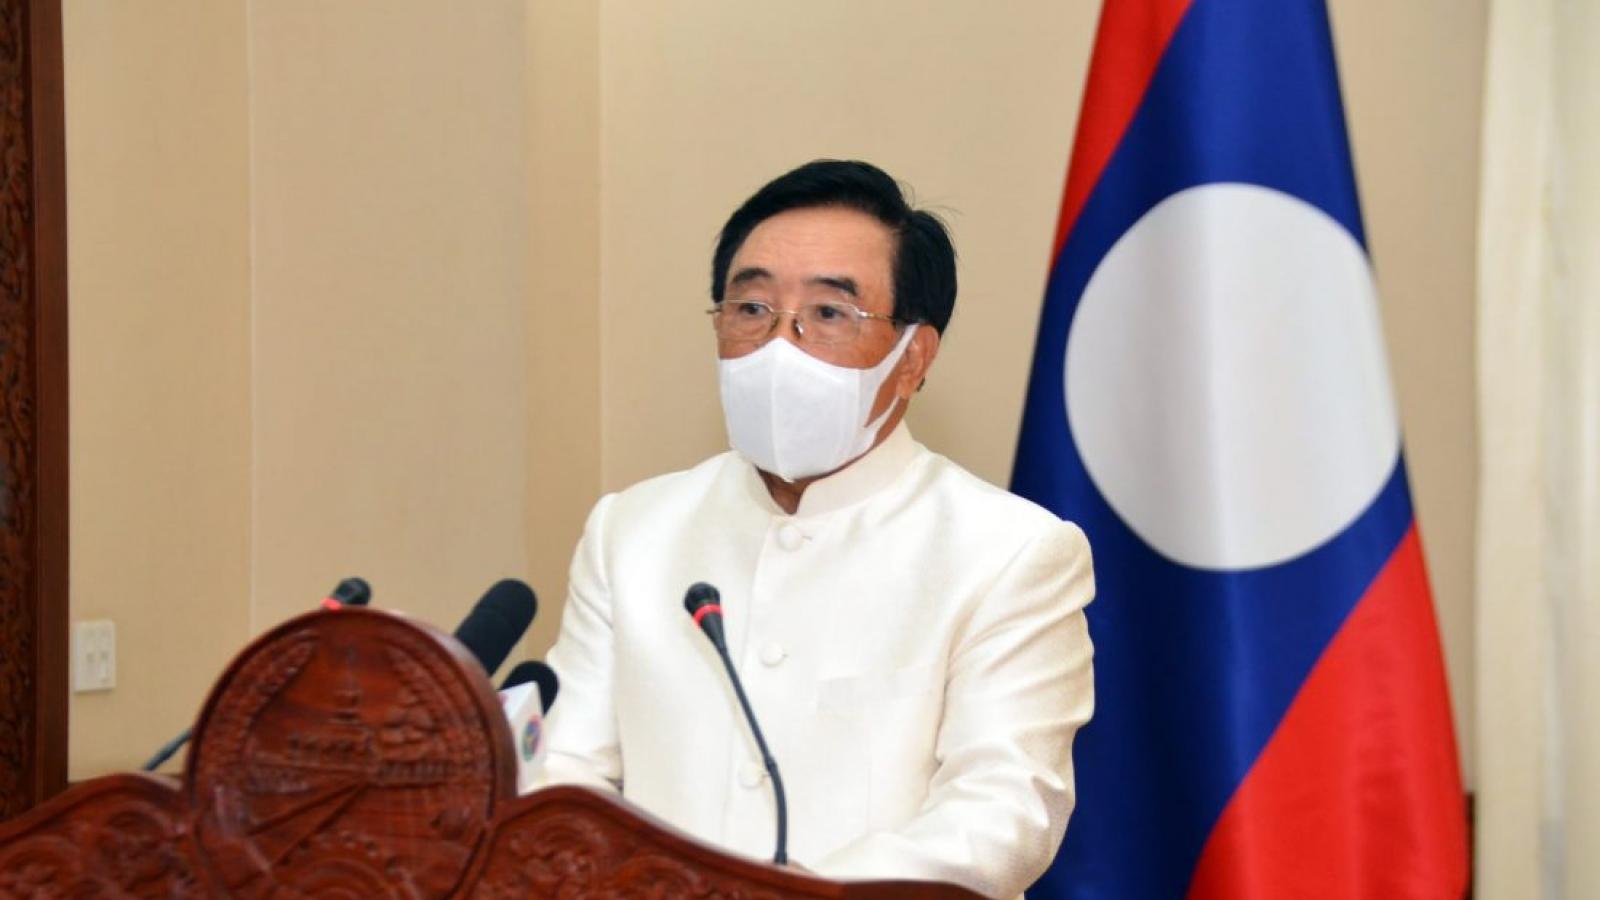 Thủ tướng Lào kêu gọi người dân không chủ quan, cùng hợp tác chống Covid-19